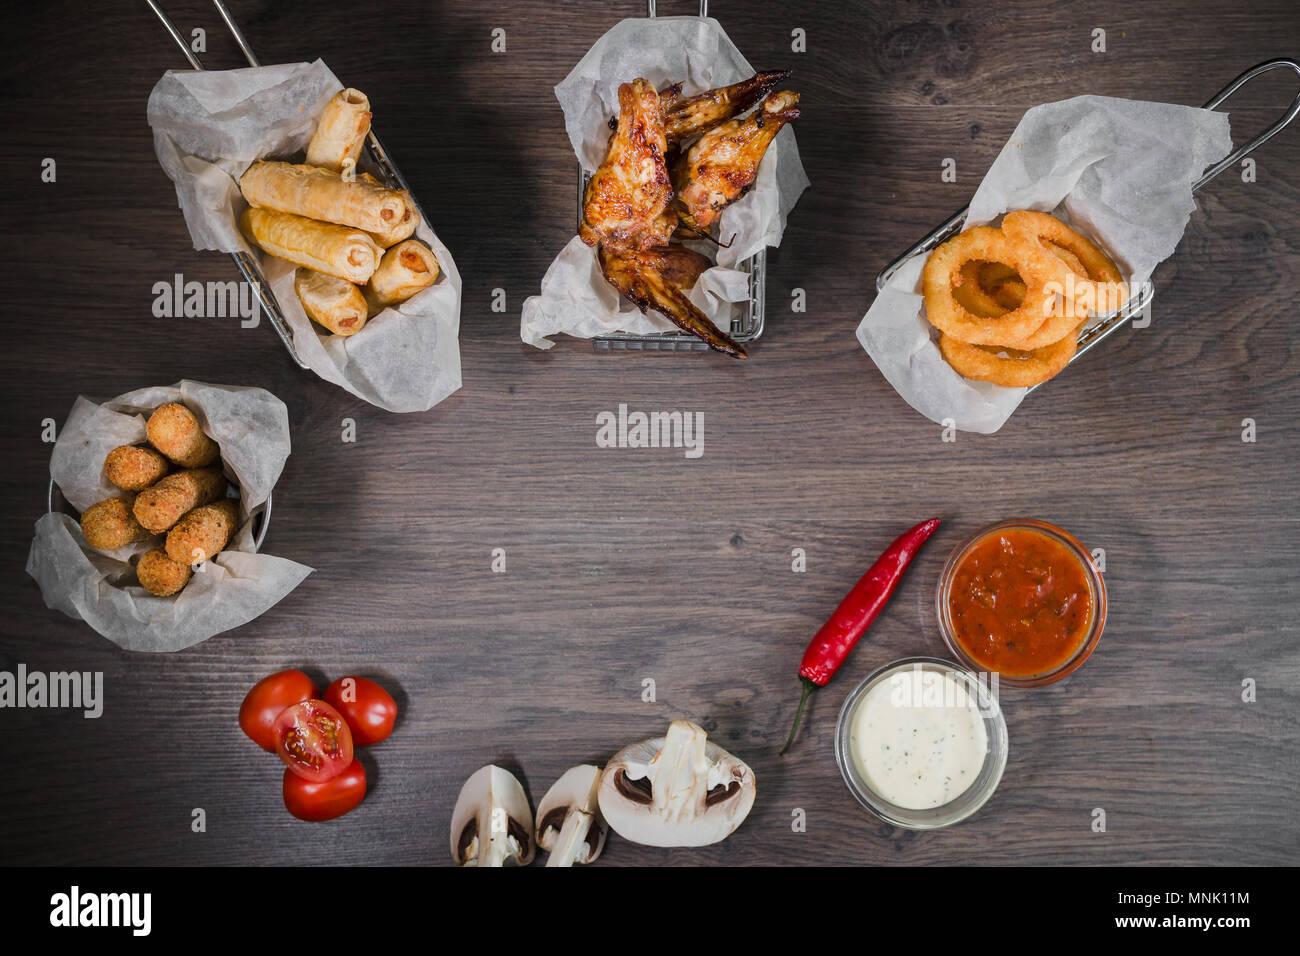 Snack für Bier in Form von Nuggets Käse Ringe und gebratene Hähnchenschenkel Stockbild